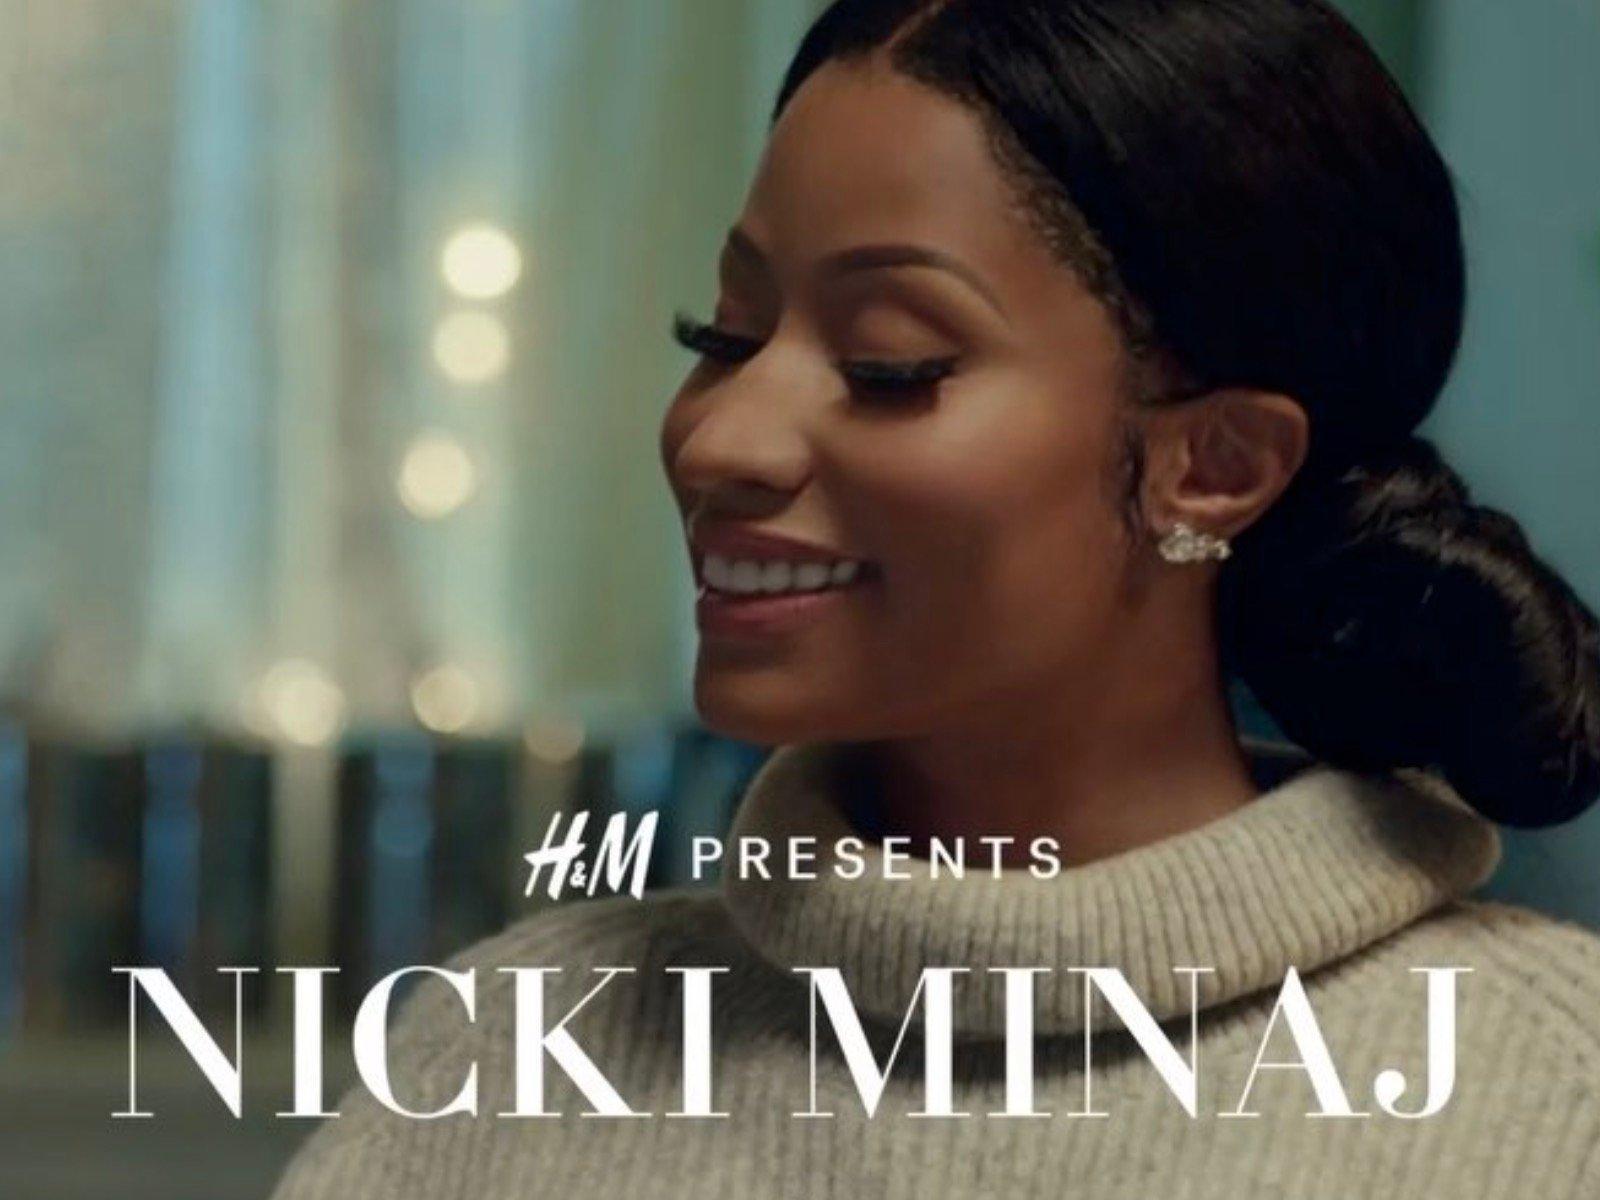 H&M Nicki Minaj